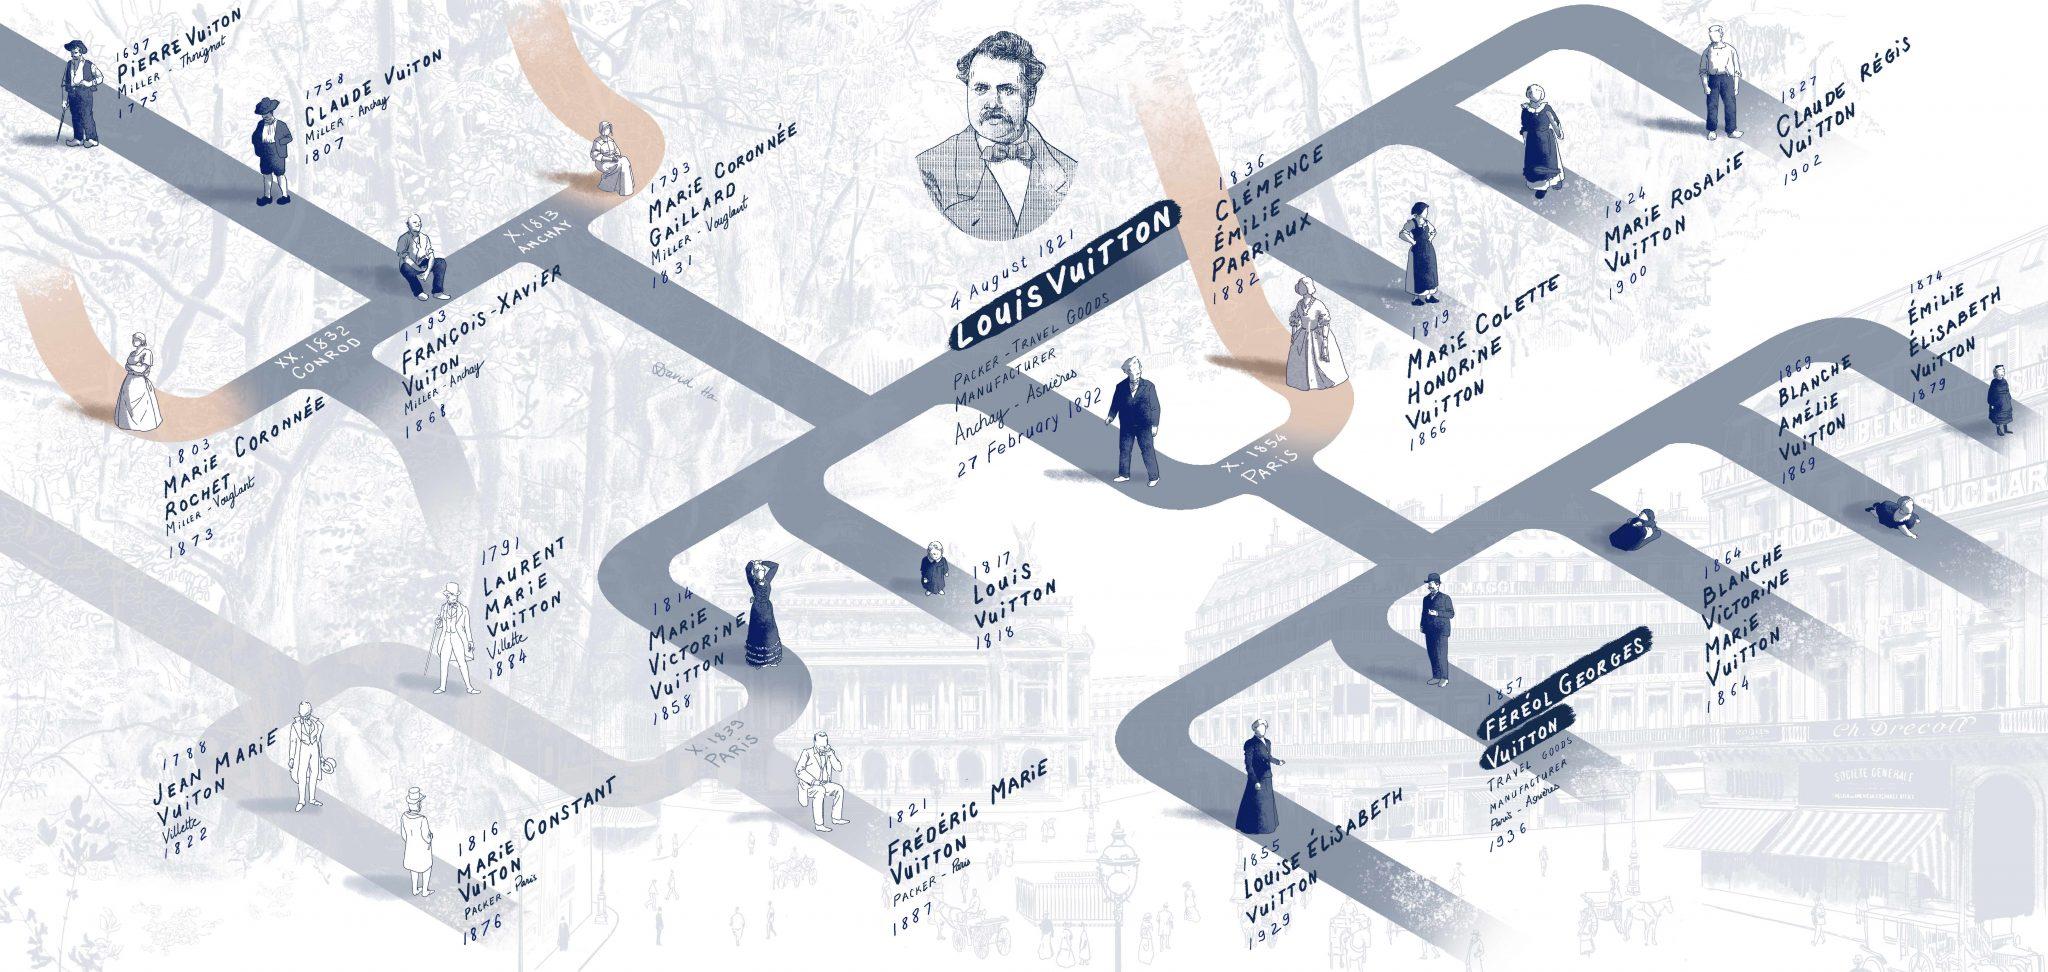 200 jaar Louis Vuitton: dit wist je nog niet over de oprichter - 1